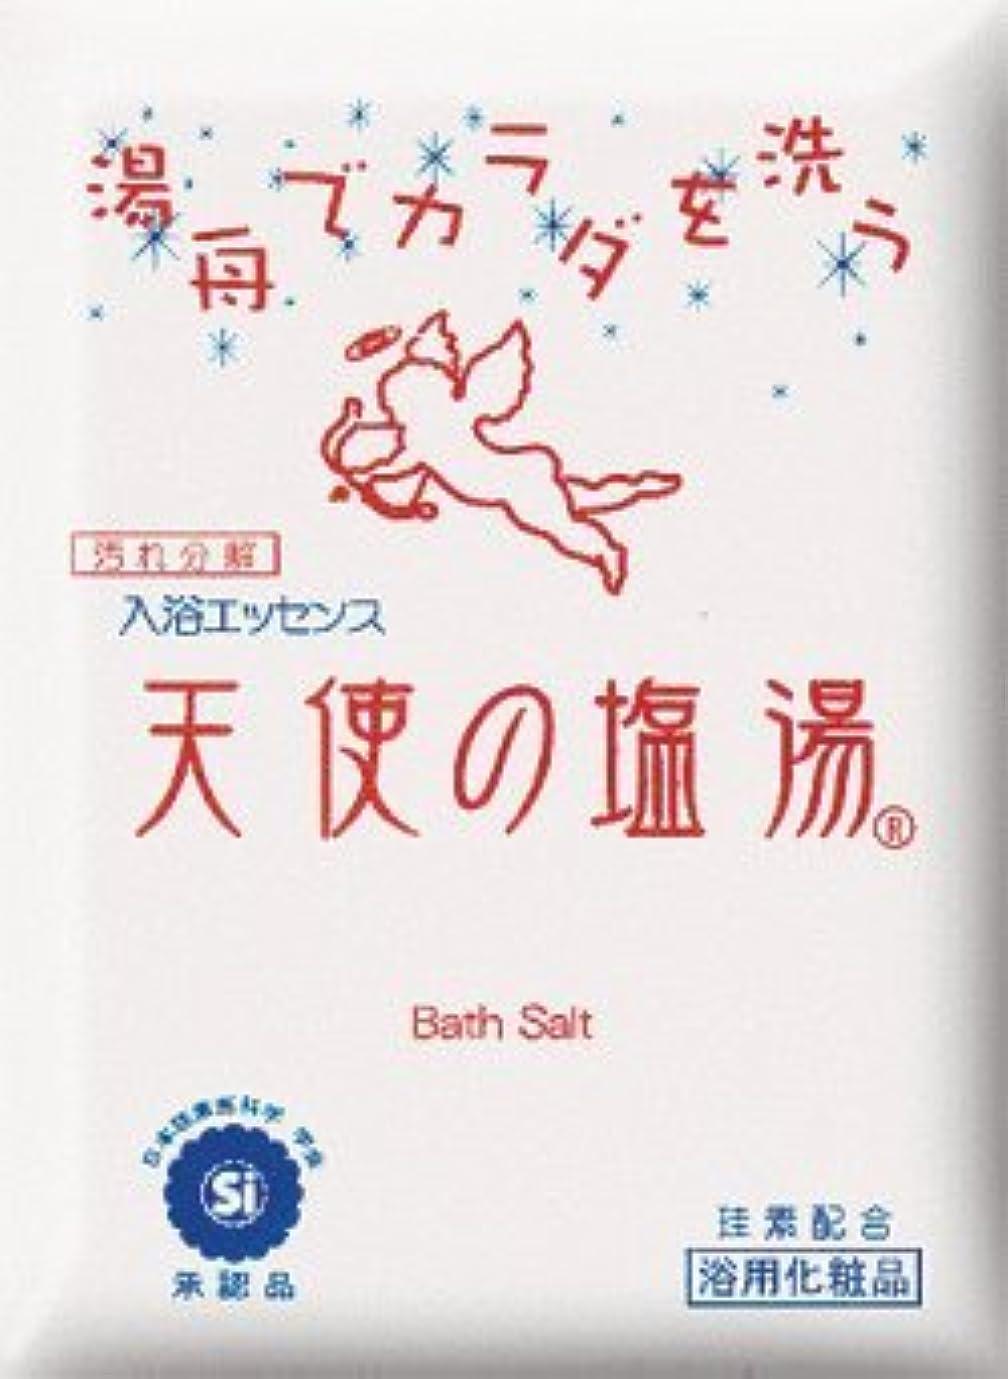 ブラウス自明初心者天使の塩湯 (70g×20袋) ※浴槽でカラダを洗う!入浴エッセンス!